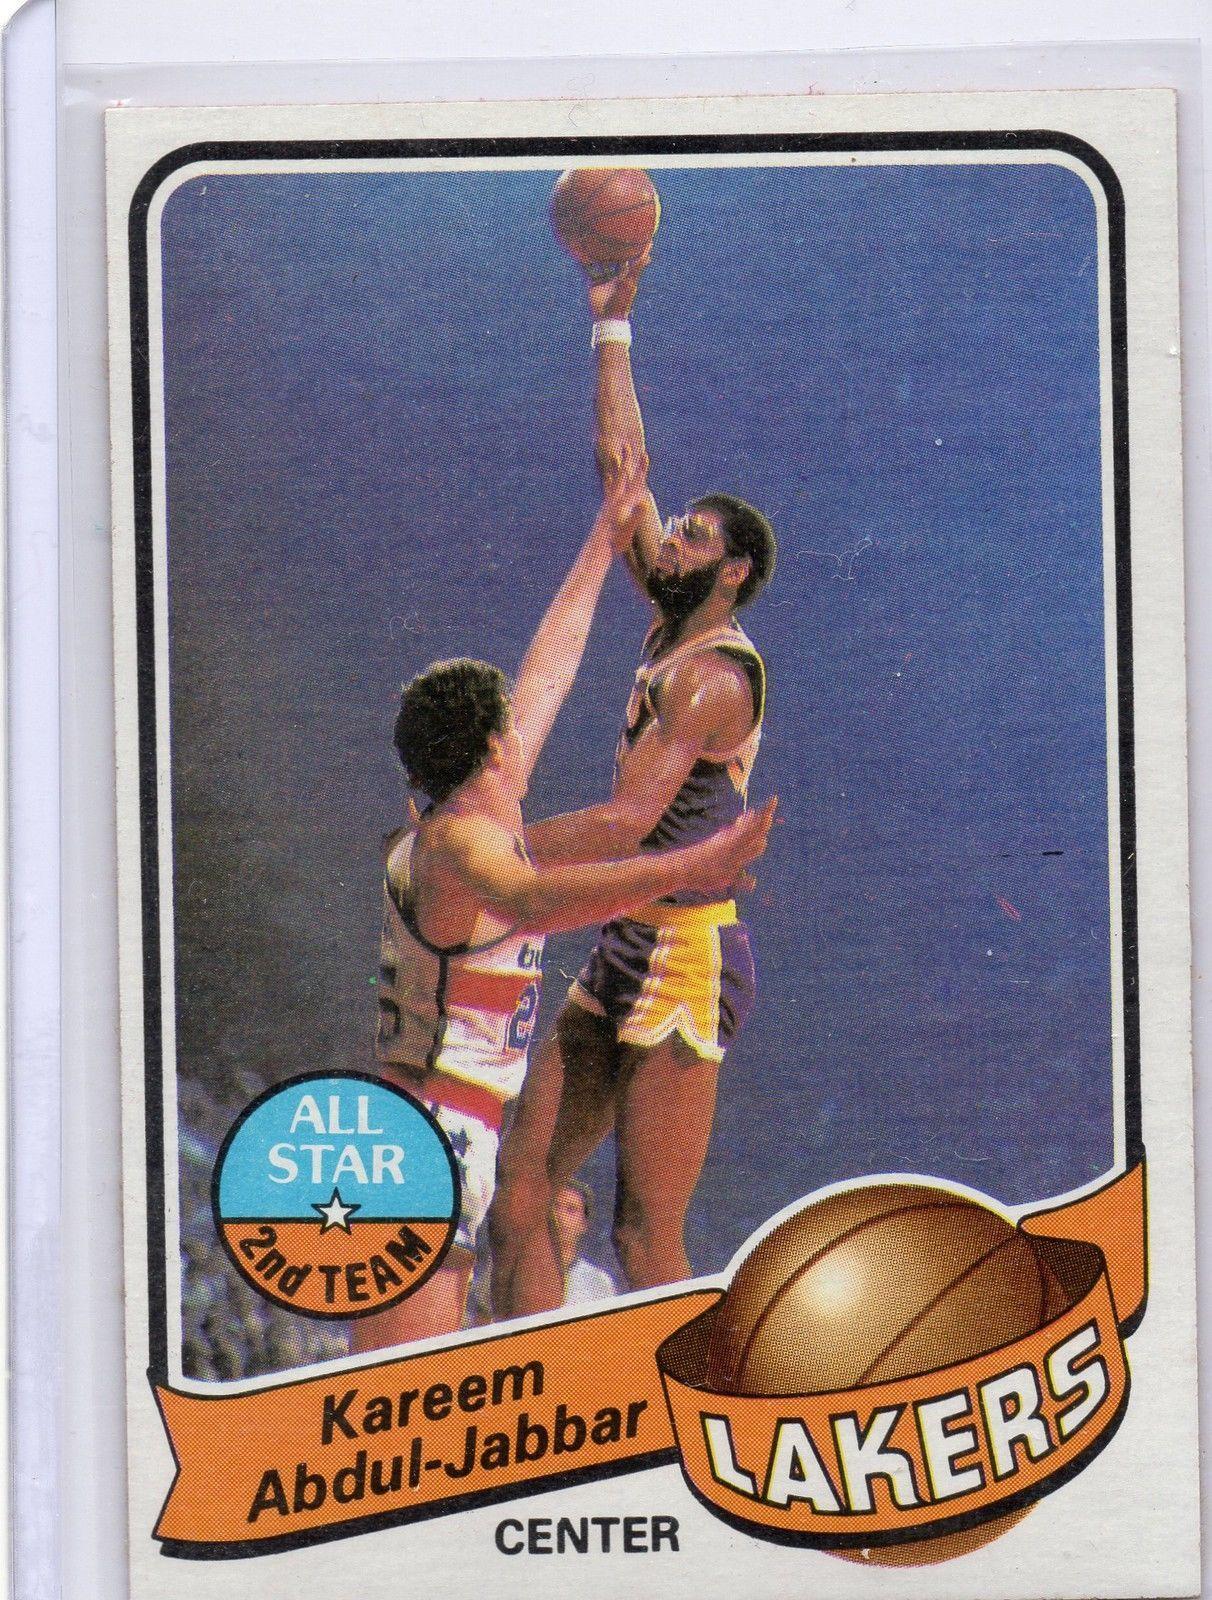 197980 topps basketball cards kareem kareem abdul jabbar